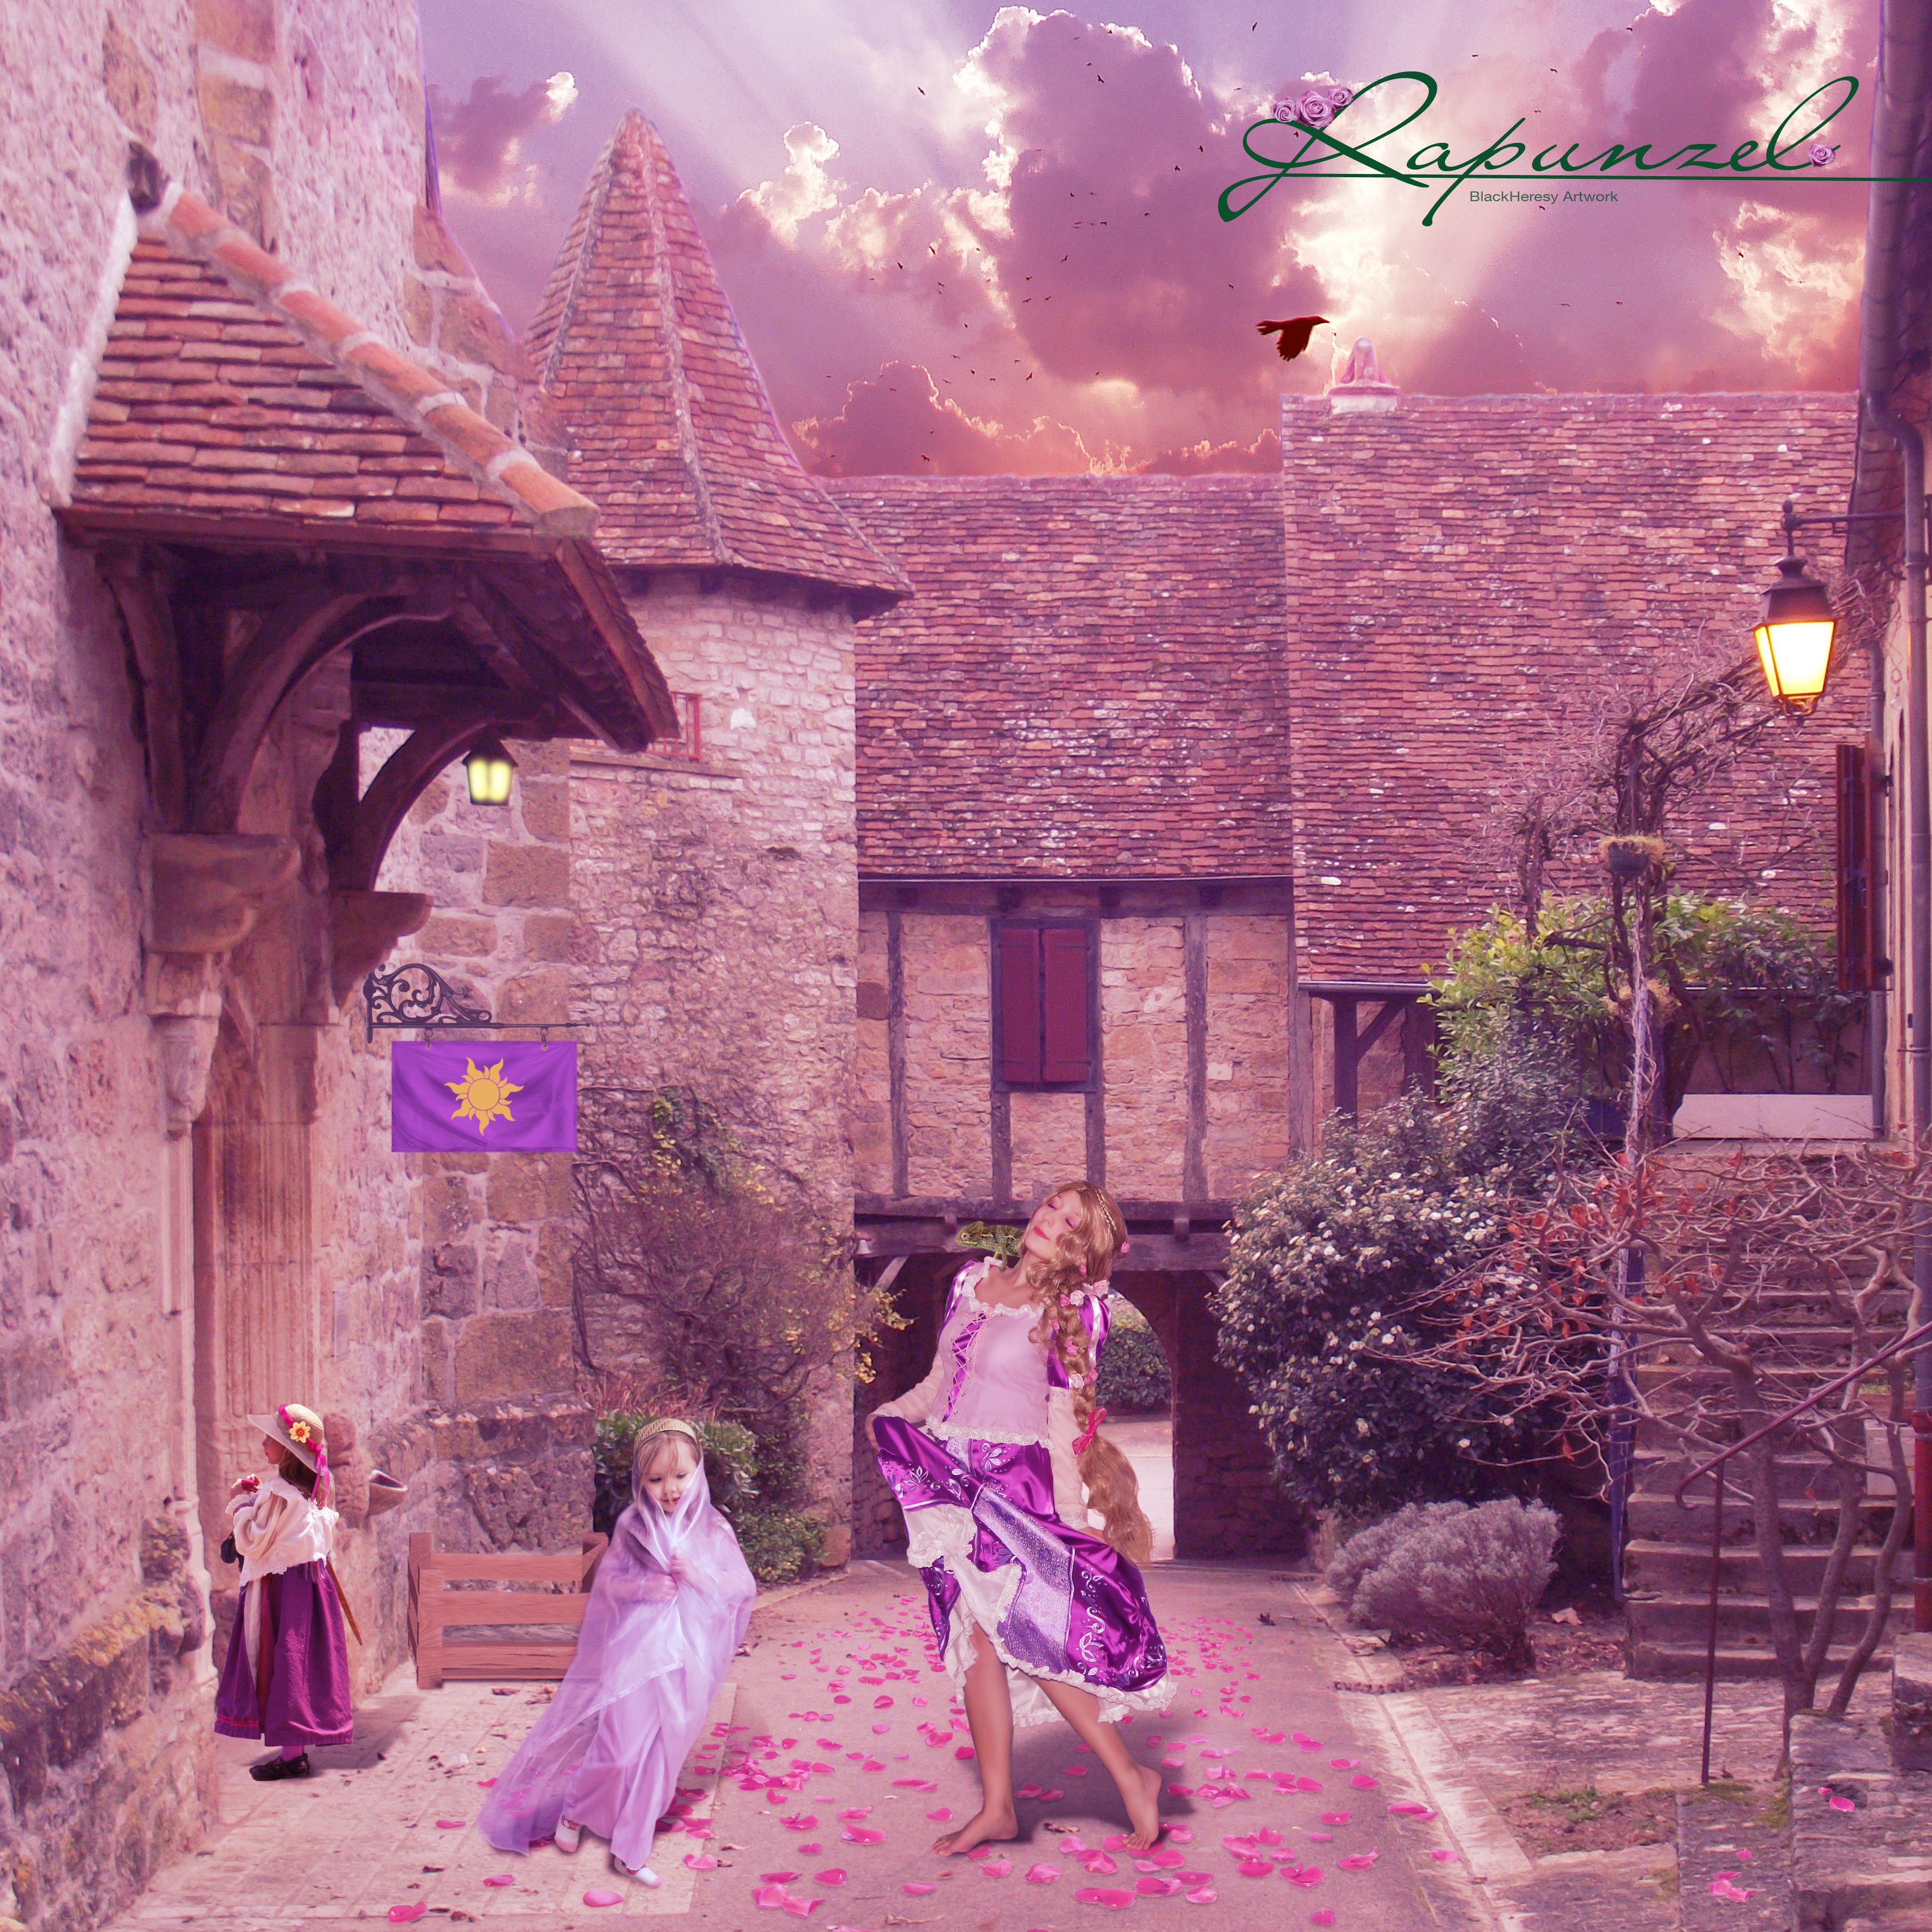 012 Rapunzel - Pt. I by BlackHeresy